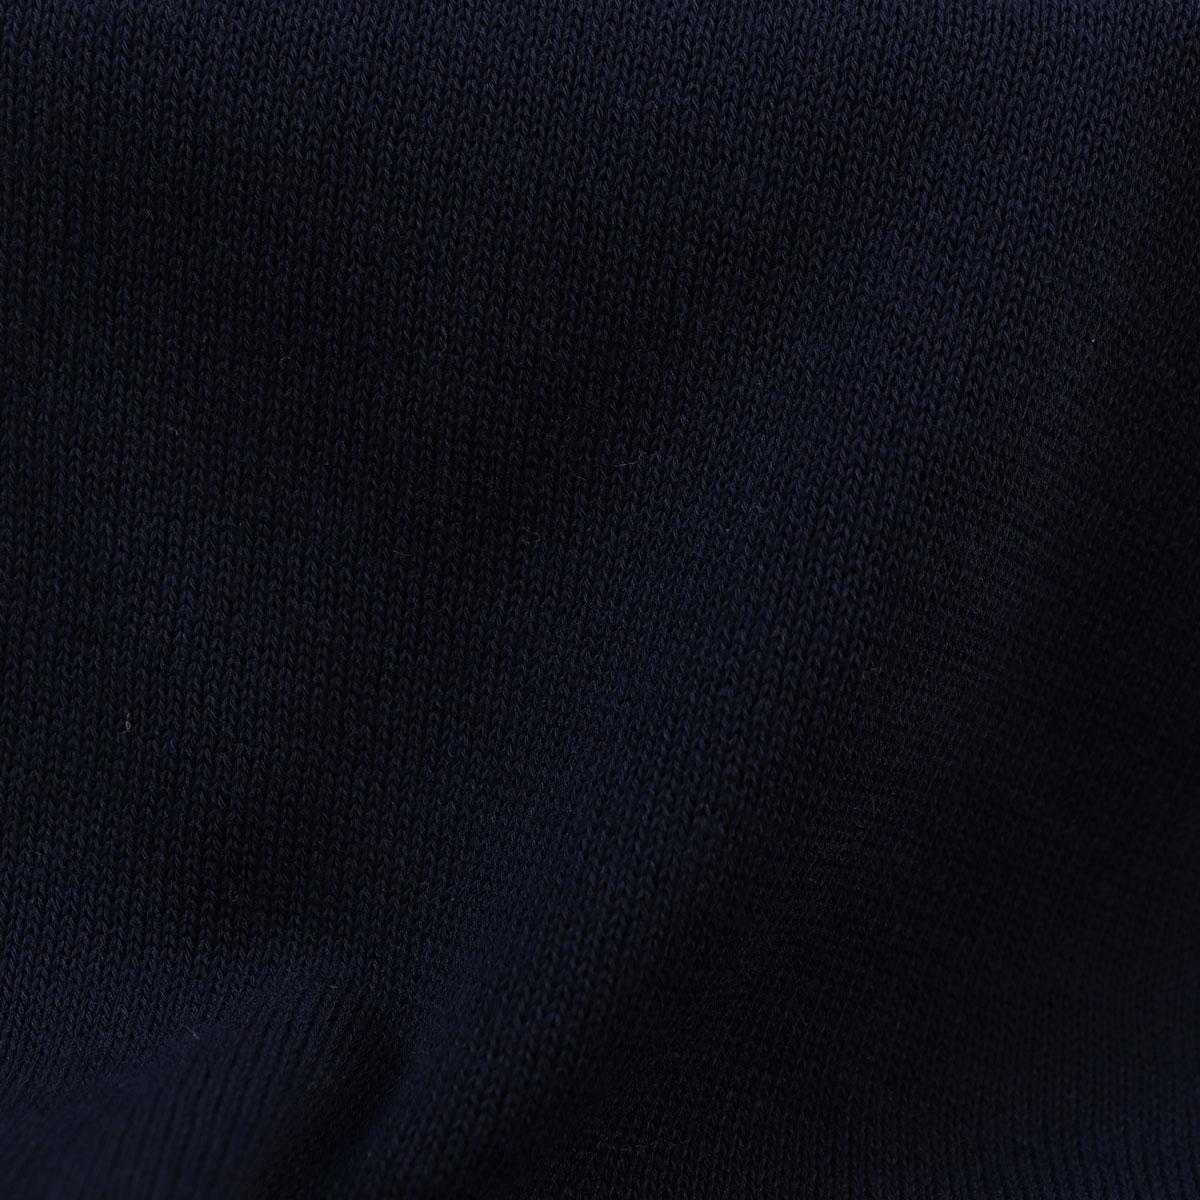 【クリアランスセール 半額以下】ザノーネ ZANONE メンズ コットン ハイゲージ クルーネック 半袖ニットソー GIRO MC 812109 ZY318 Z0542(ネイビー)【返品交換不可】